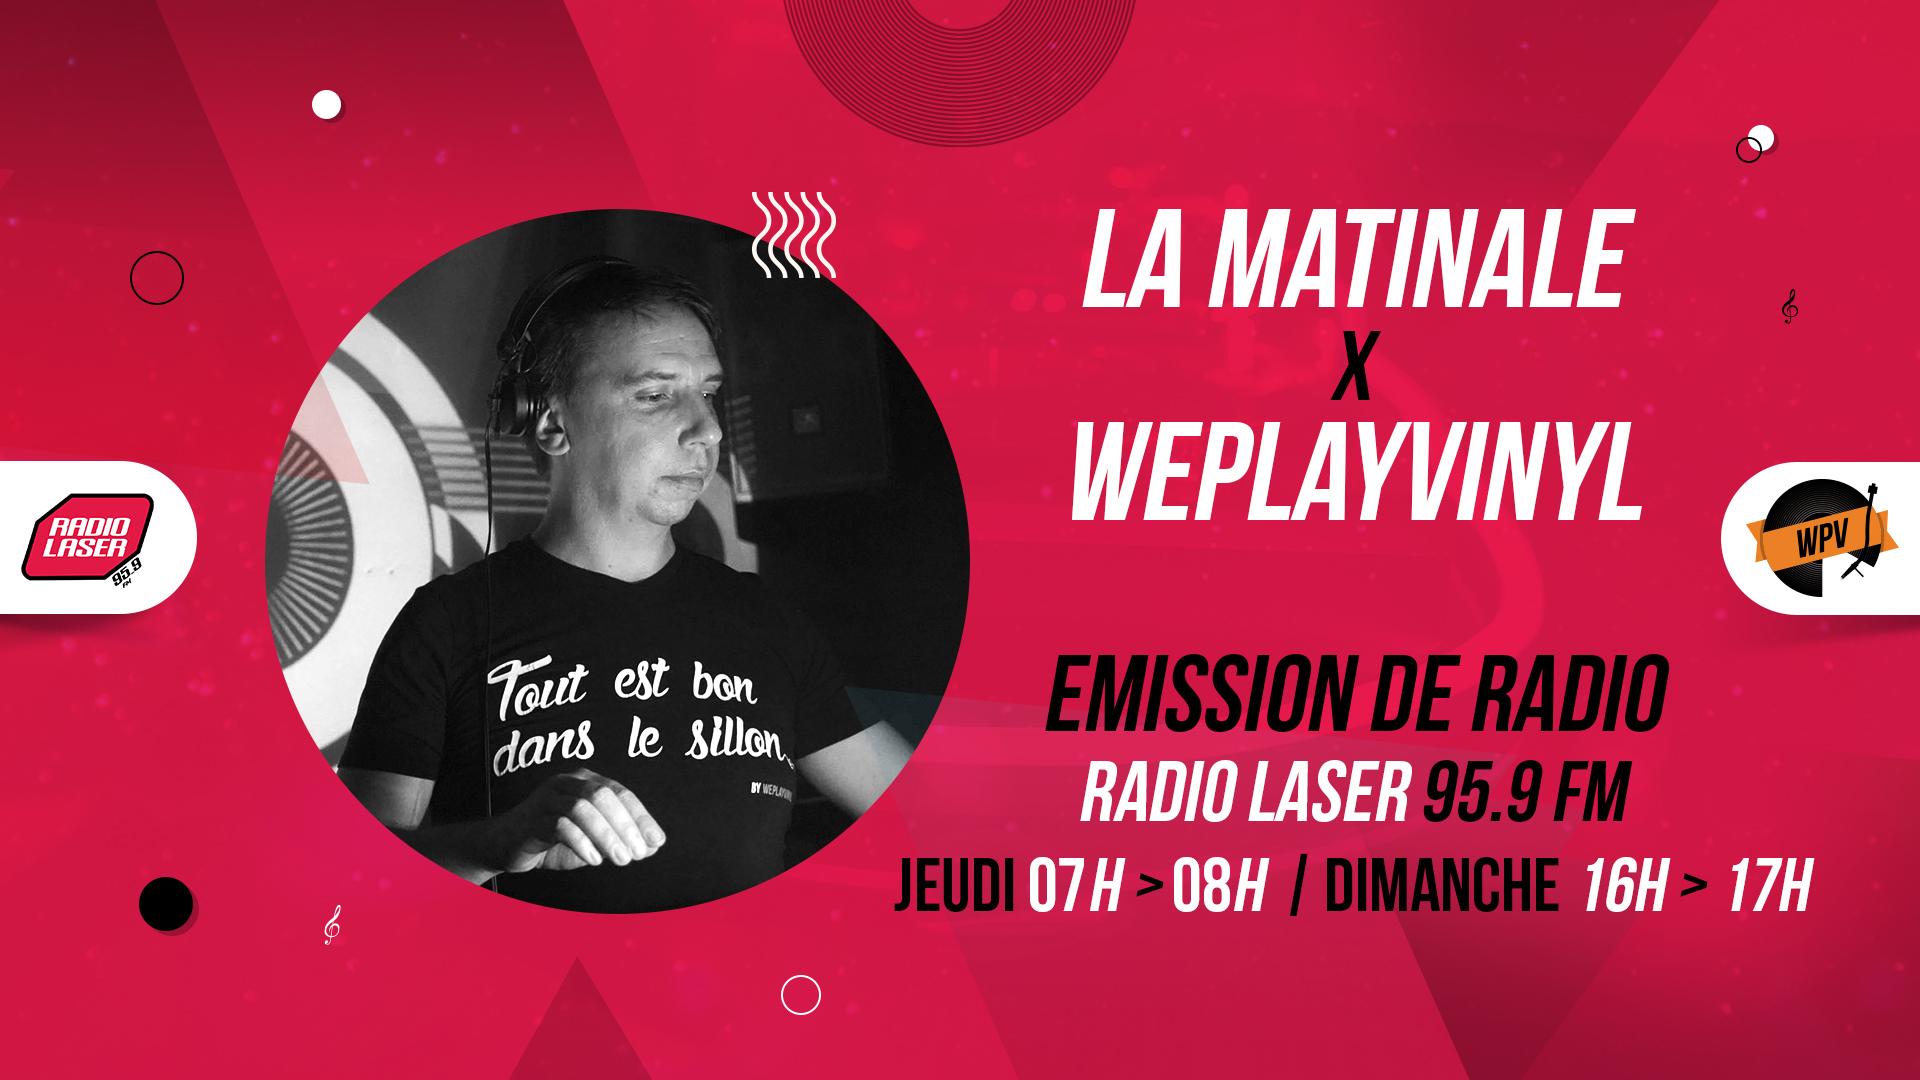 Header de La matinale - Emission de radio - Craninho - Radio laser